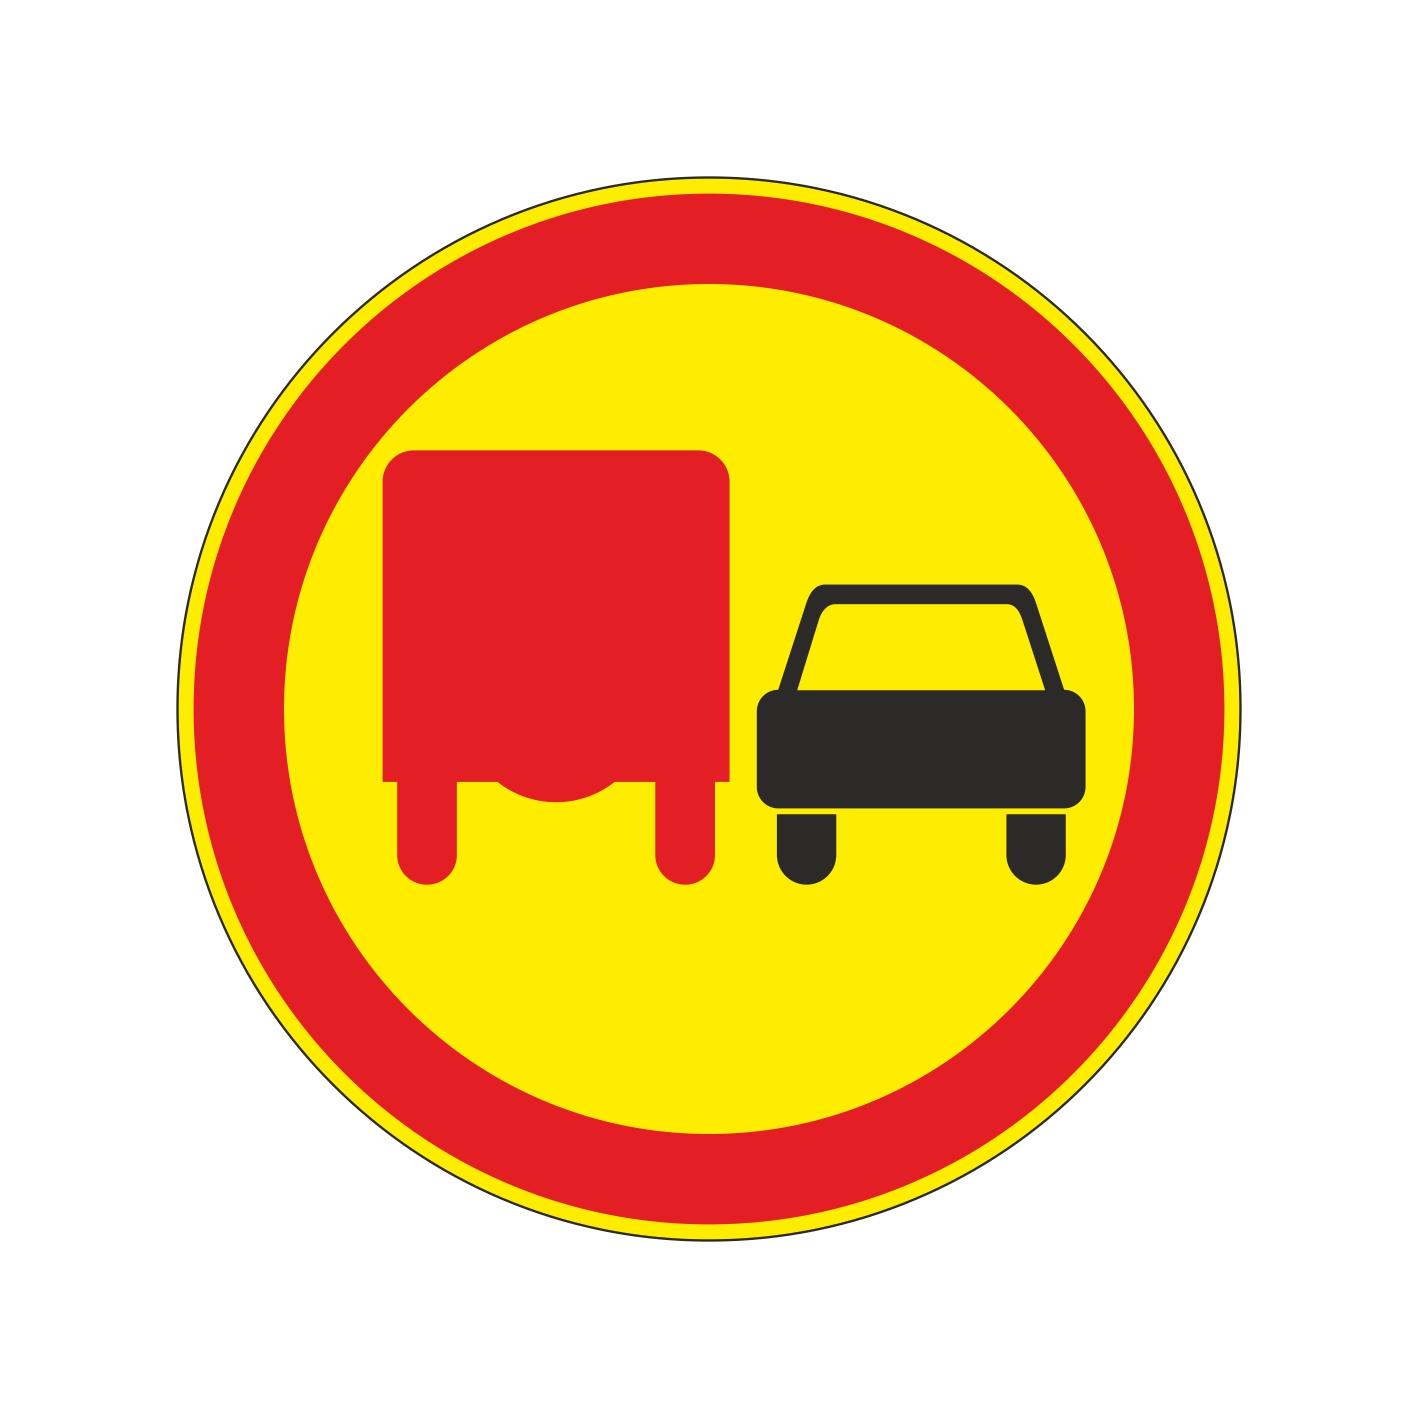 3.22 (временный) Обгон грузовым автомобилям запрещен [дорожный знак]